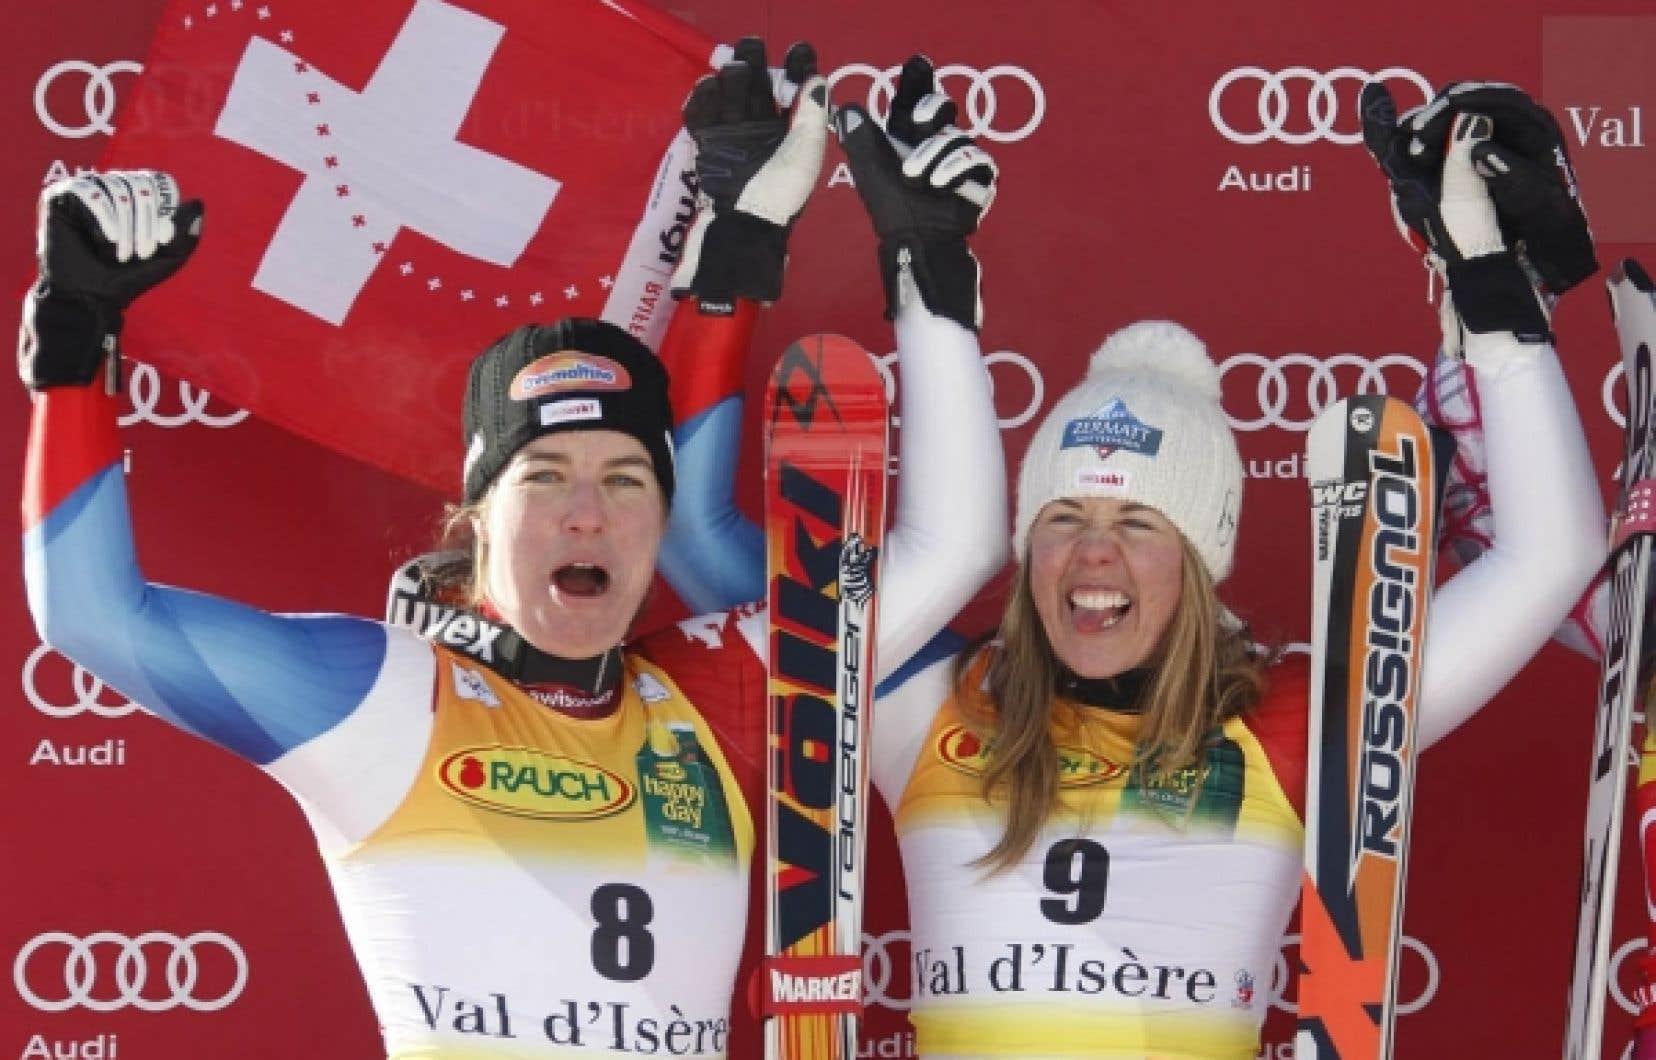 Les deux skieuses suisses Nadia Styger et Franzi Aufdenblatten sont montées sur le podium du super-G de Val-d'Isère, hier.